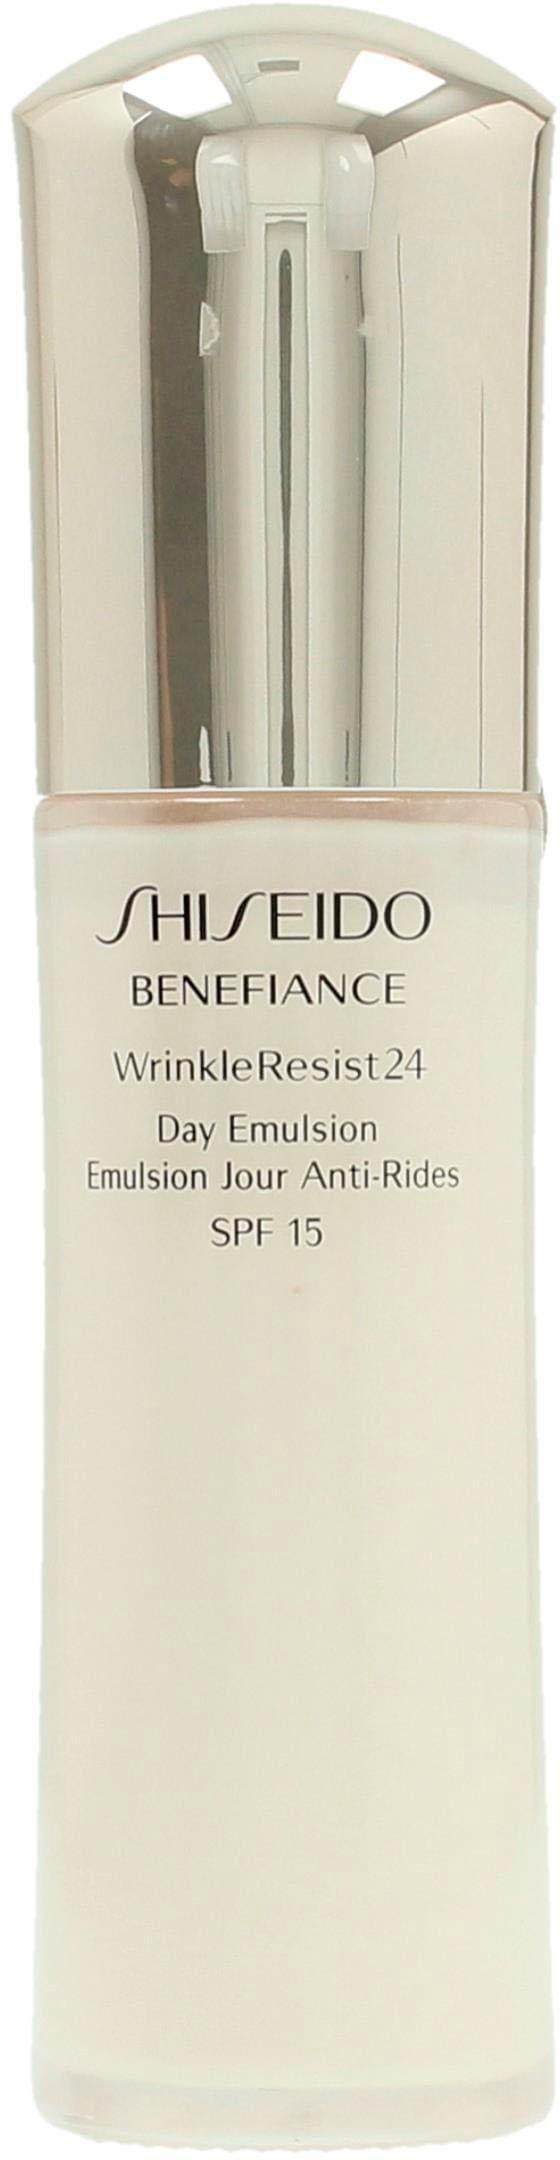 Shiseido,  Benefiance WrinkleResist24 Day Emulsion , Gesichtsemulsion Preisvergleich